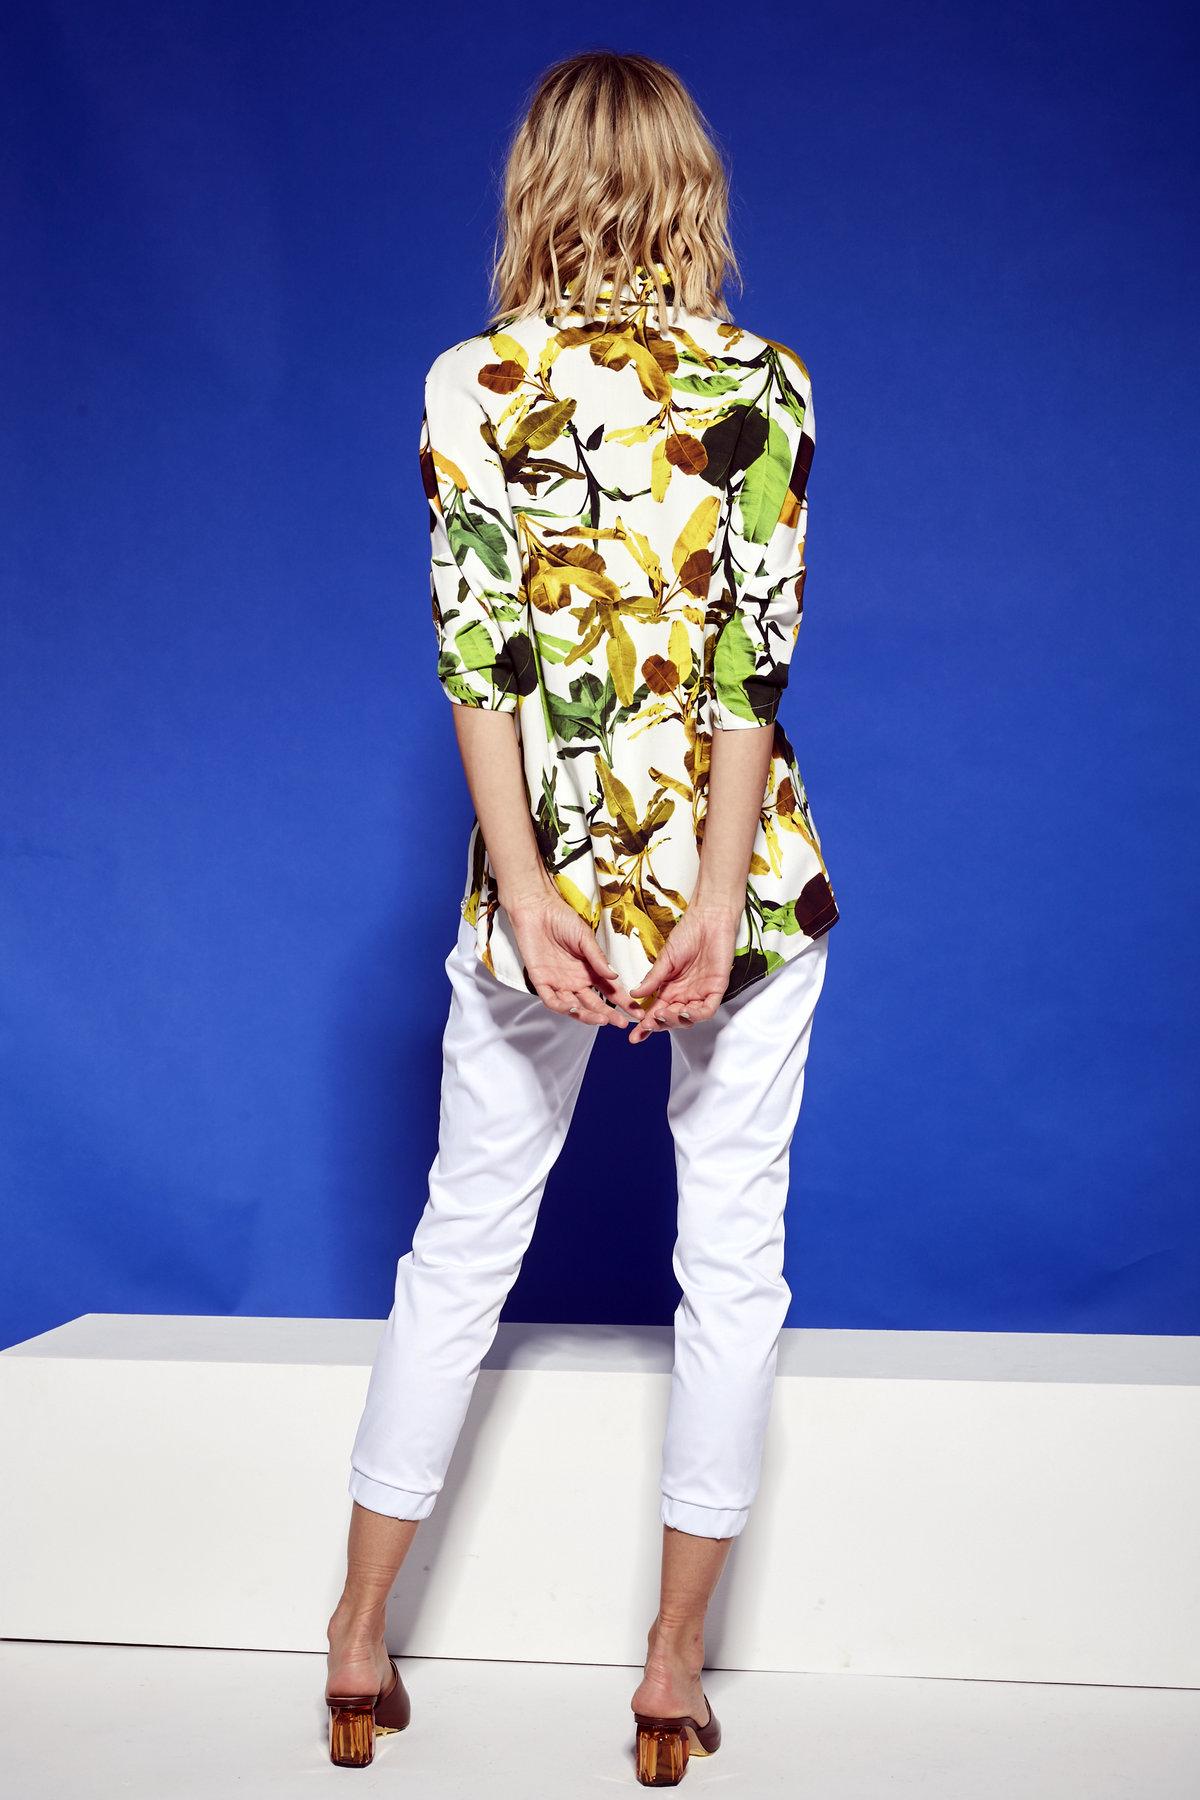 Koszula Ennywear Liście bananowca